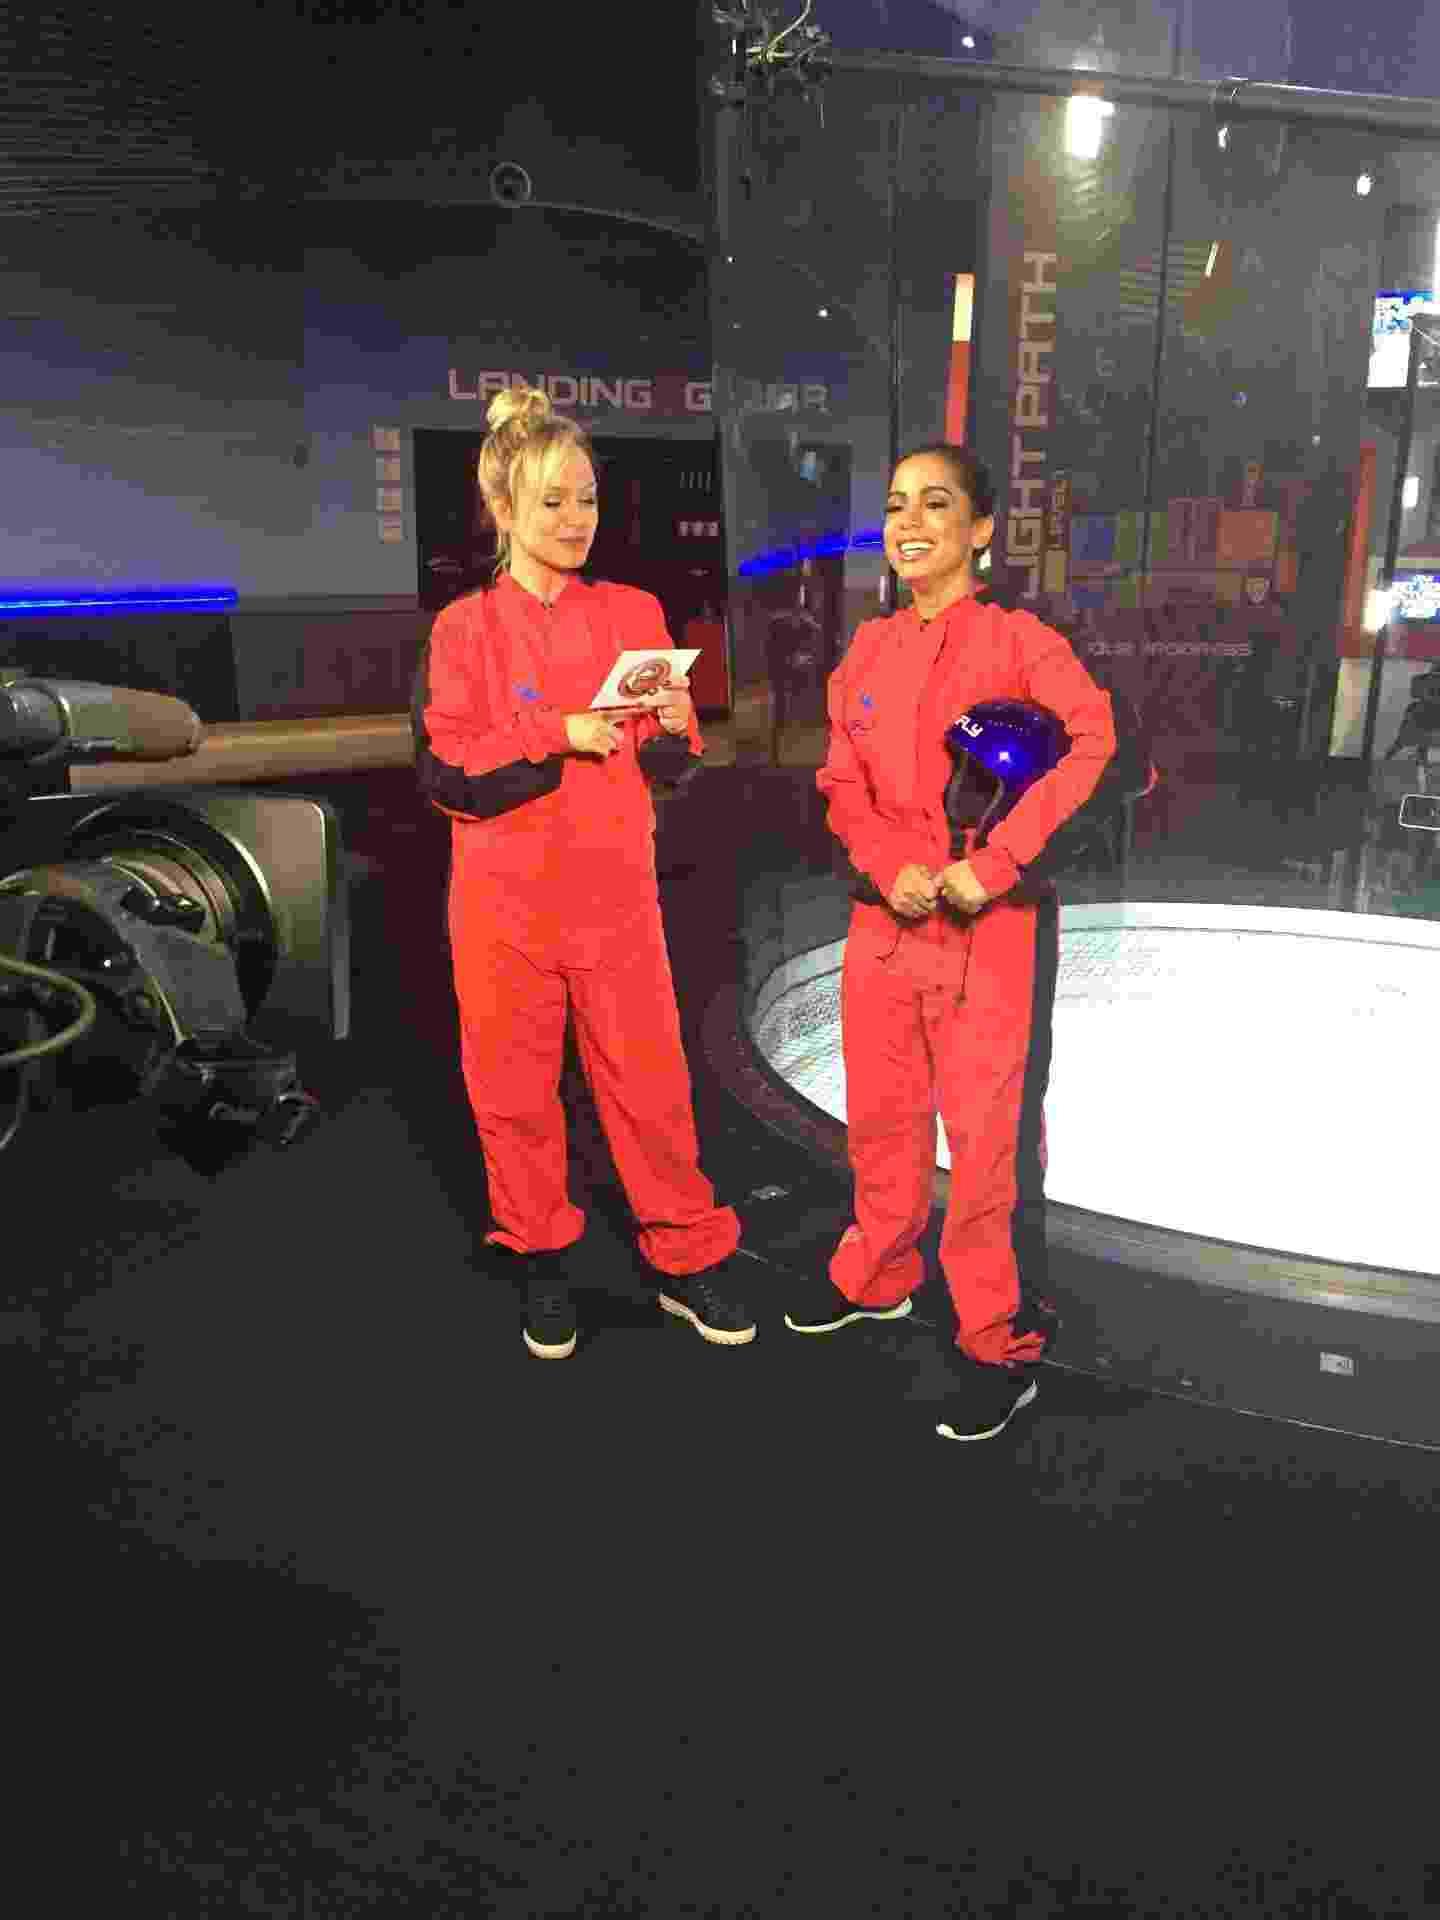 """Eliana entrevista a cantora Anitta para o seu programa, que vai ao ar no domingo (22). Após o bate-papo, Anitta é desafiada a encarar um simulador de voo de paraquedas para superar o medo de altura. O programa """"Eliana"""" é exibido a partir das 15h, no SBT - Divulgação/SBT"""